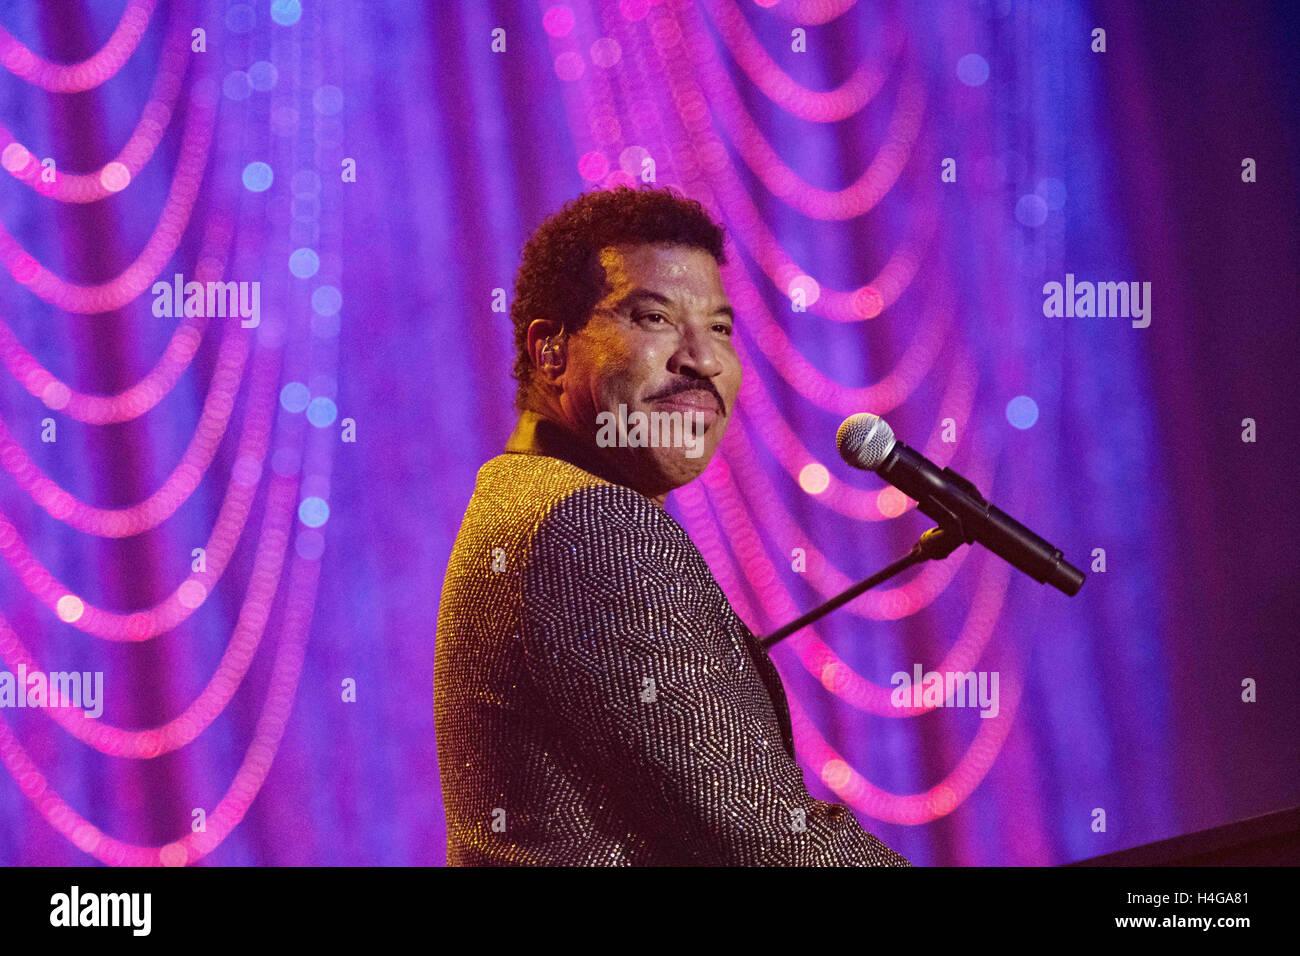 Filadelfia, Pensilvania, Estados Unidos. 15 Oct, 2016. La legendaria cantante Grammy escritor y actor, Lionel Richie, Foto de stock